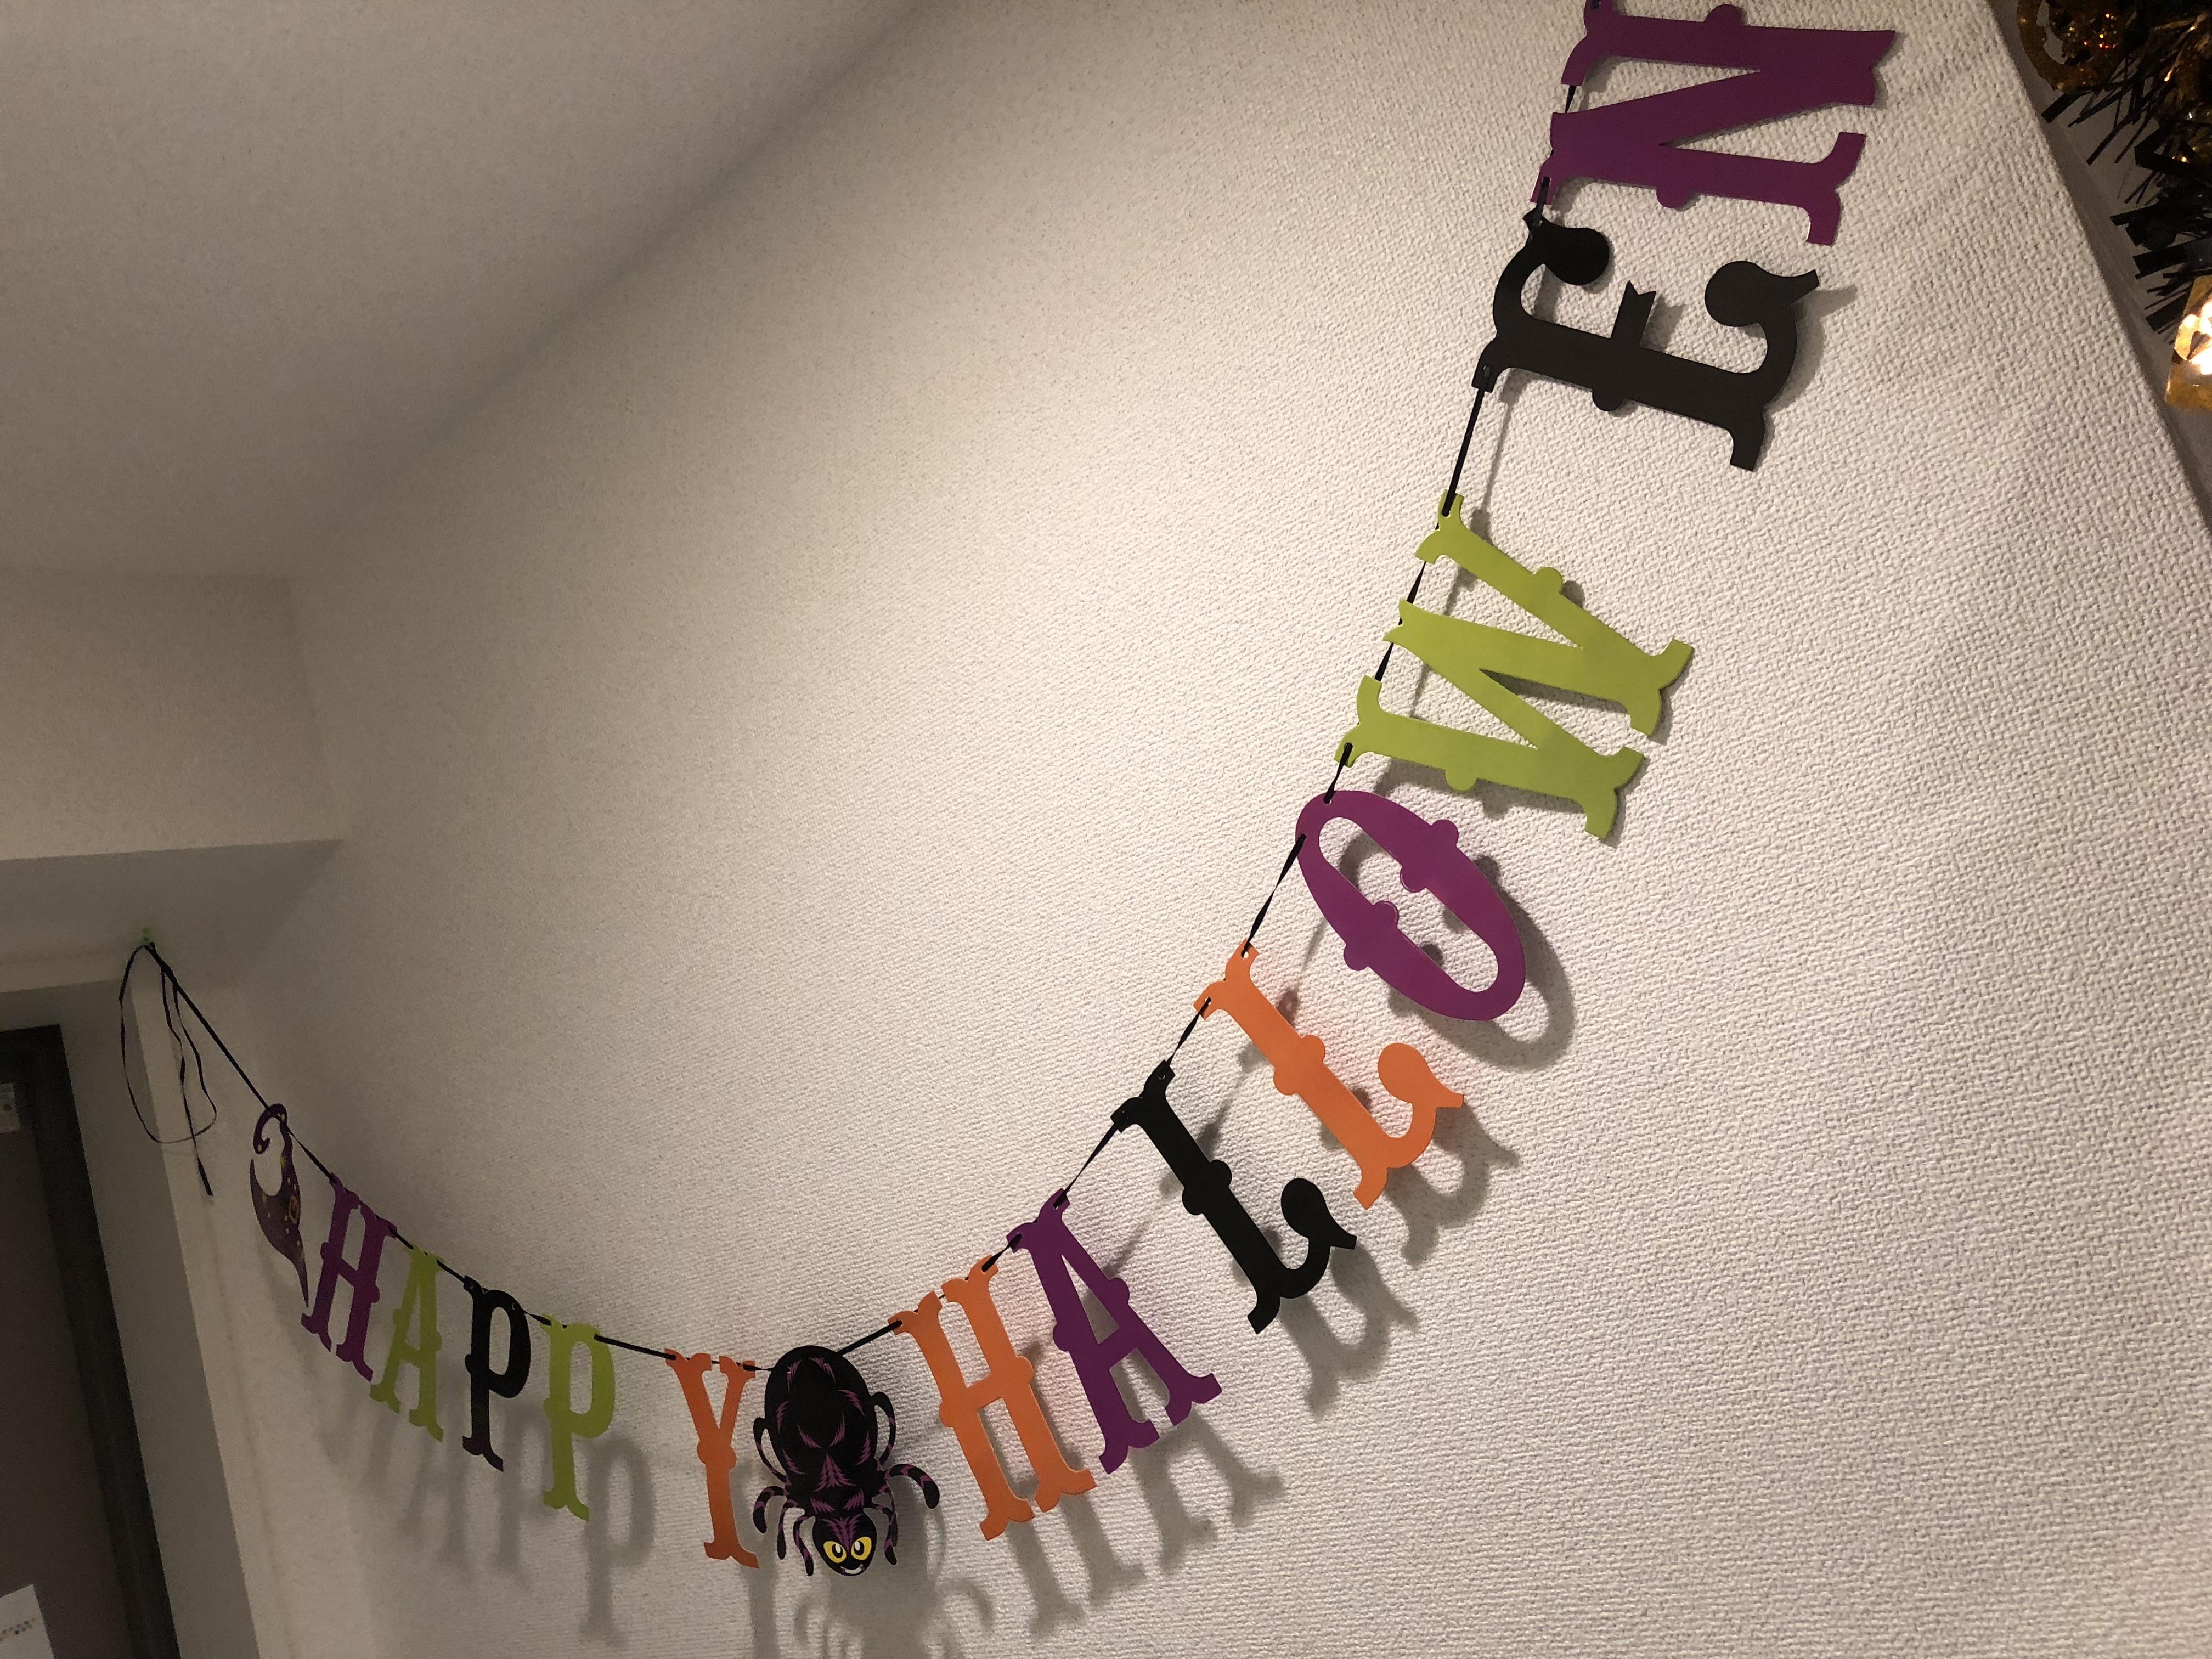 モロコシの・・・ハロウイン飾り(見なくていいよ)(店長に先に書かれたから~町田チャット)…